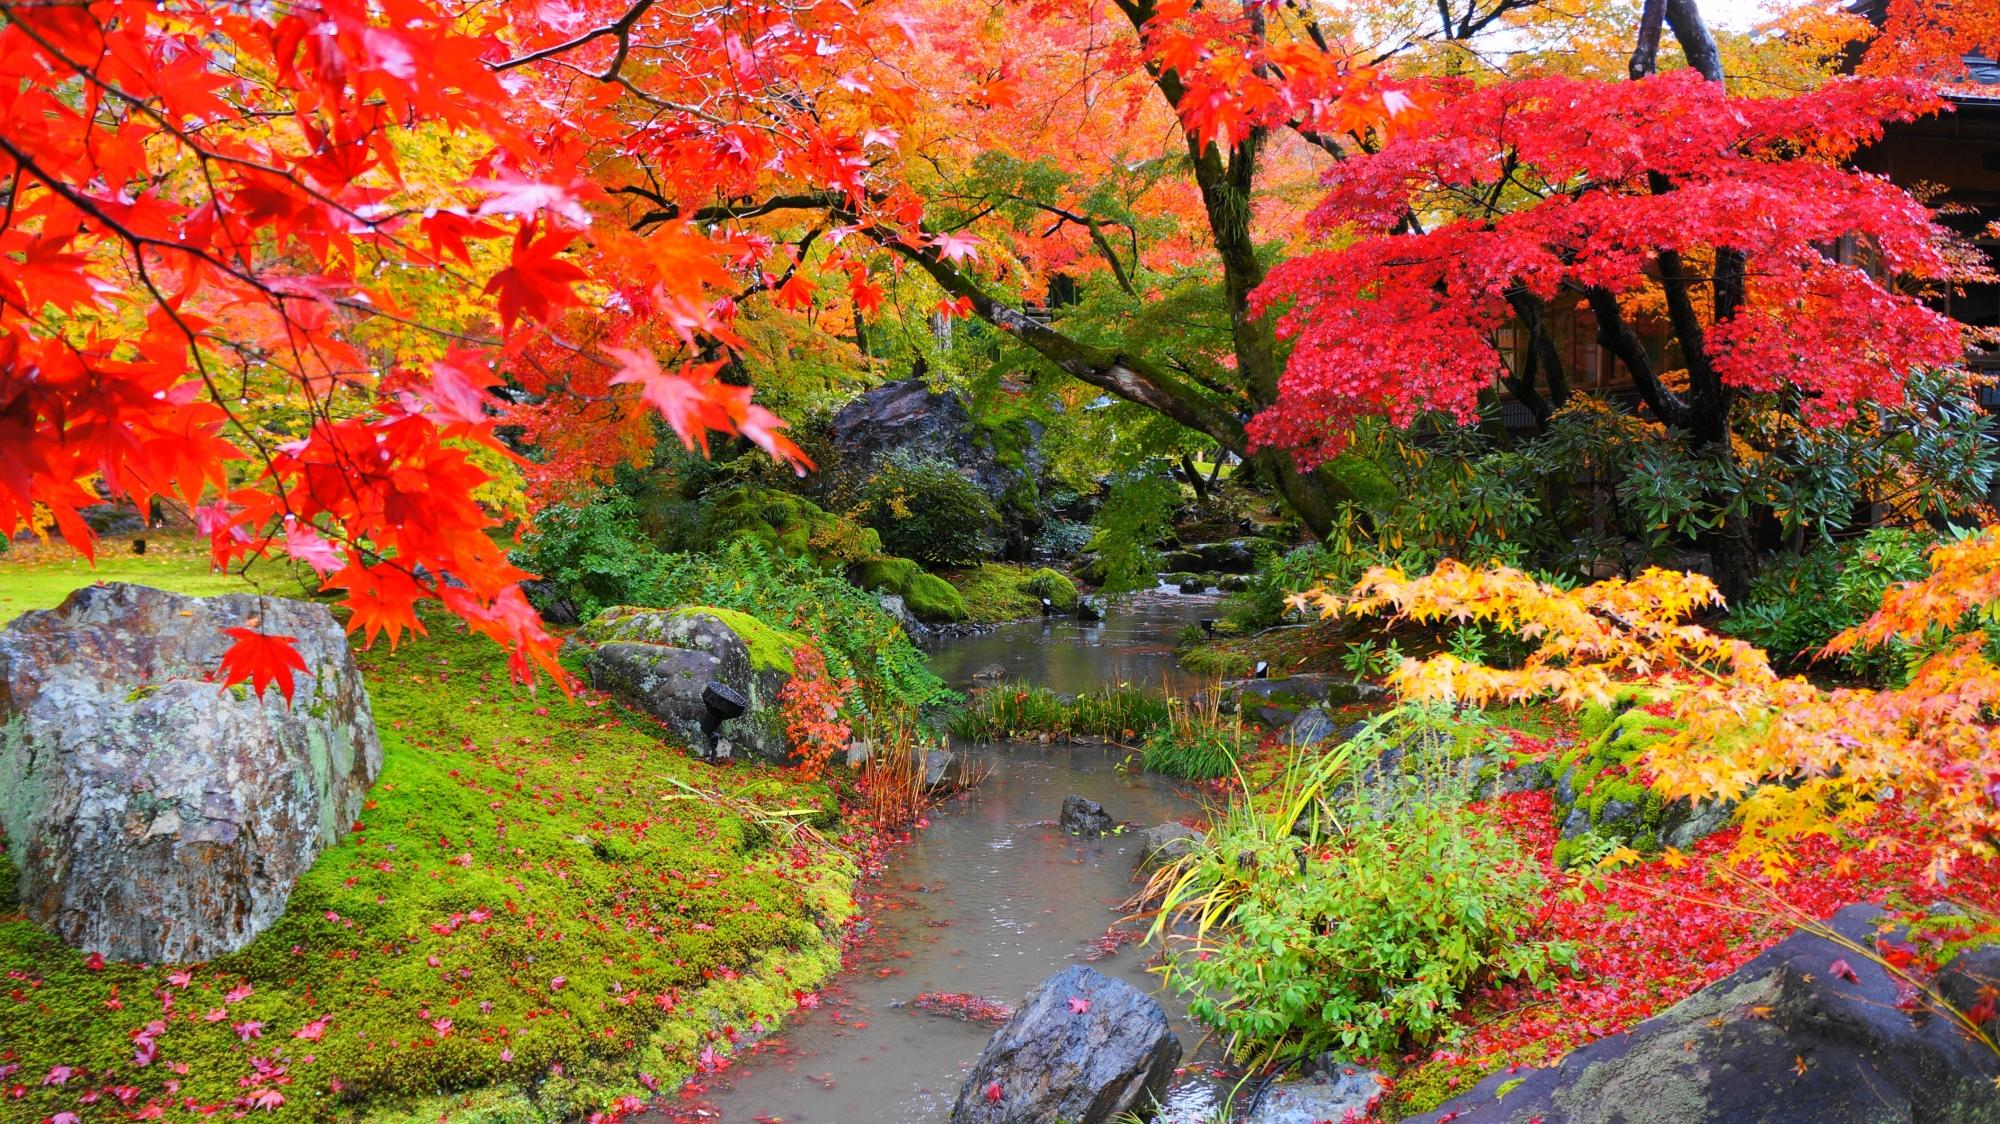 色とりどりの紅葉につつまれた響岩と小川と書院